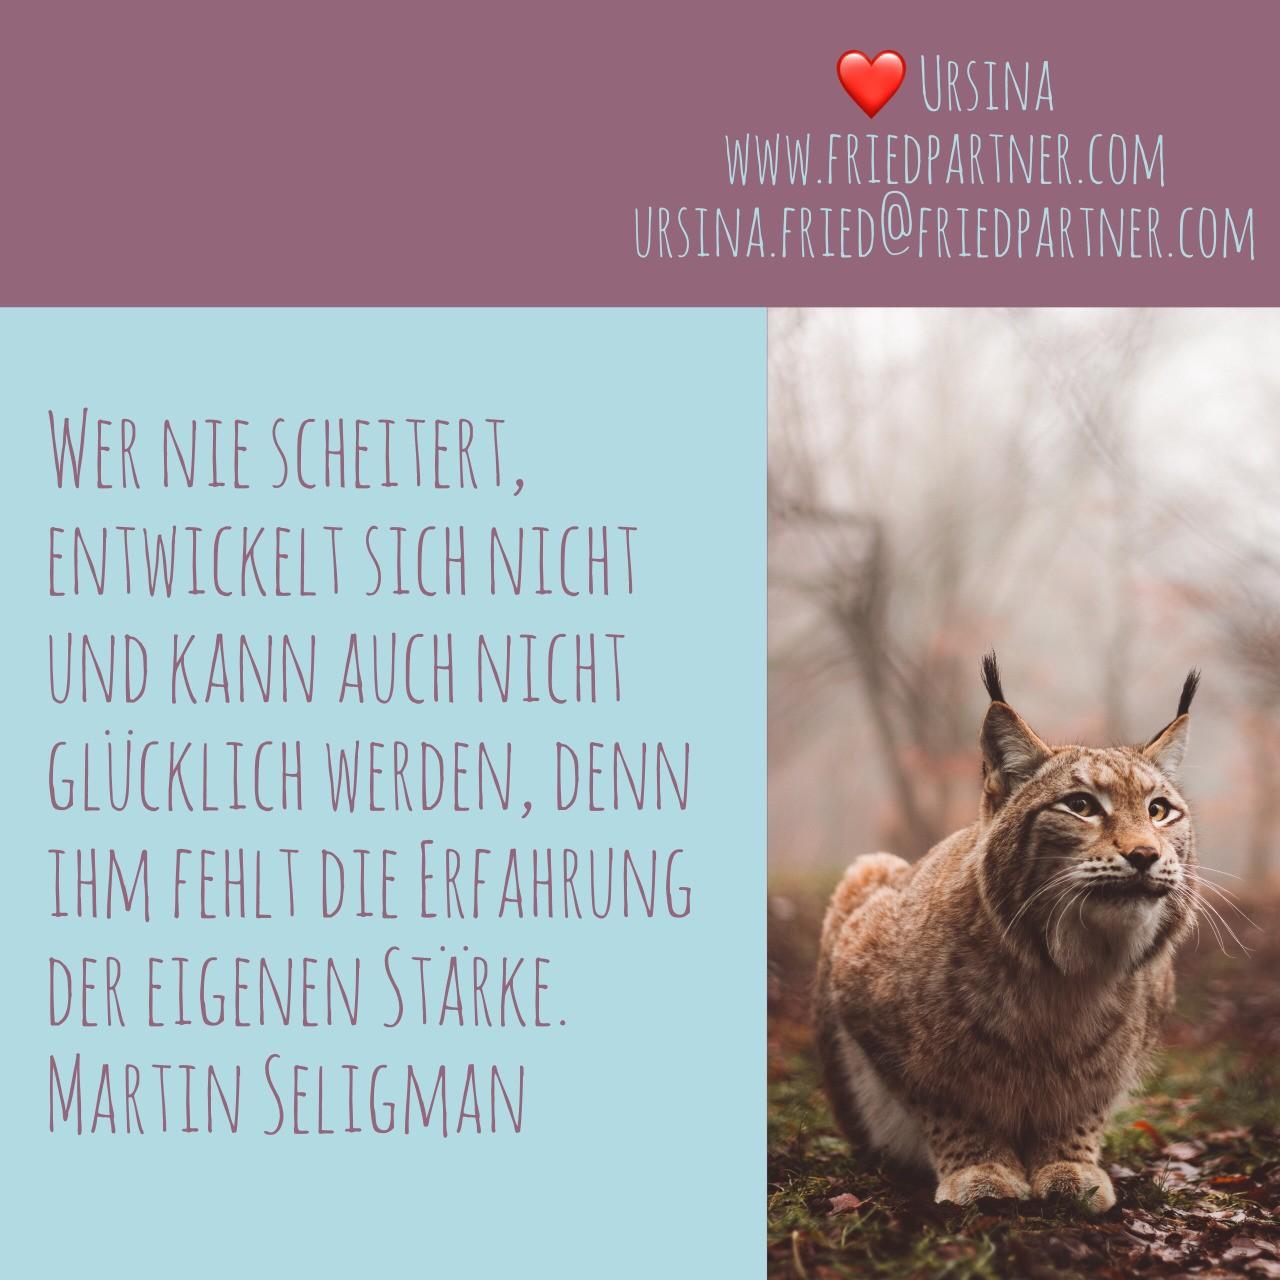 Meine Selbstmotivation... wenn es aussichtslos scheint. ❤️ Ursina #brave #shaman #power #lifecoach #transformation #chance #lebensmotto